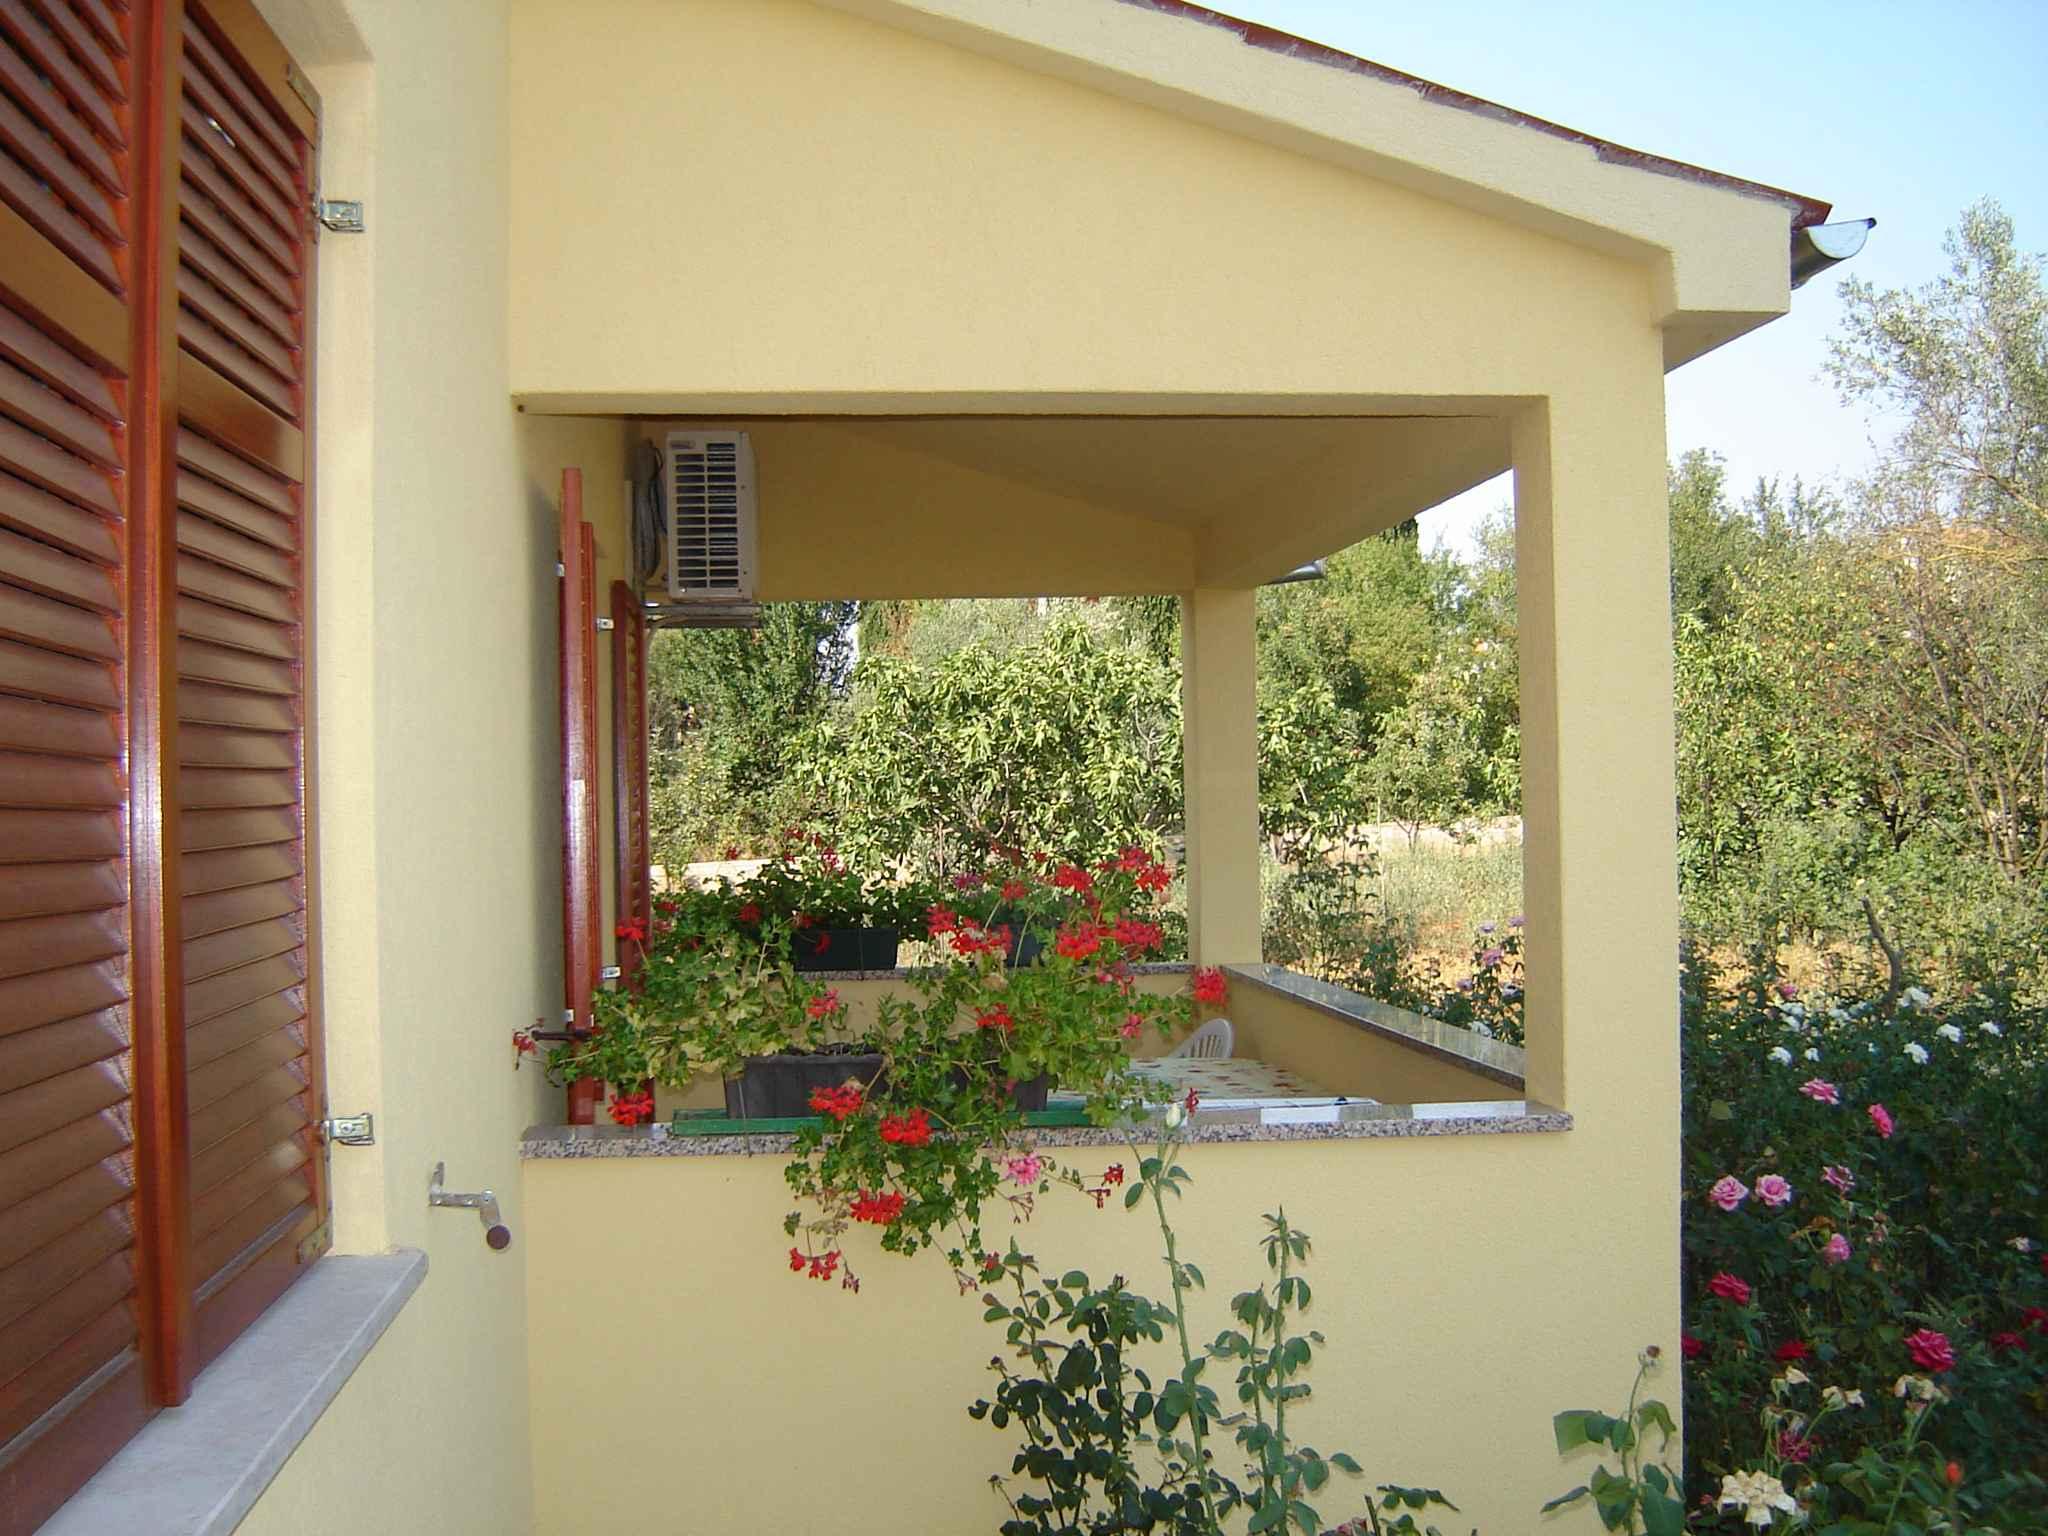 Ferienwohnung mit SAT-TV in ruhiger Lage (280672), Pula, , Istrien, Kroatien, Bild 7